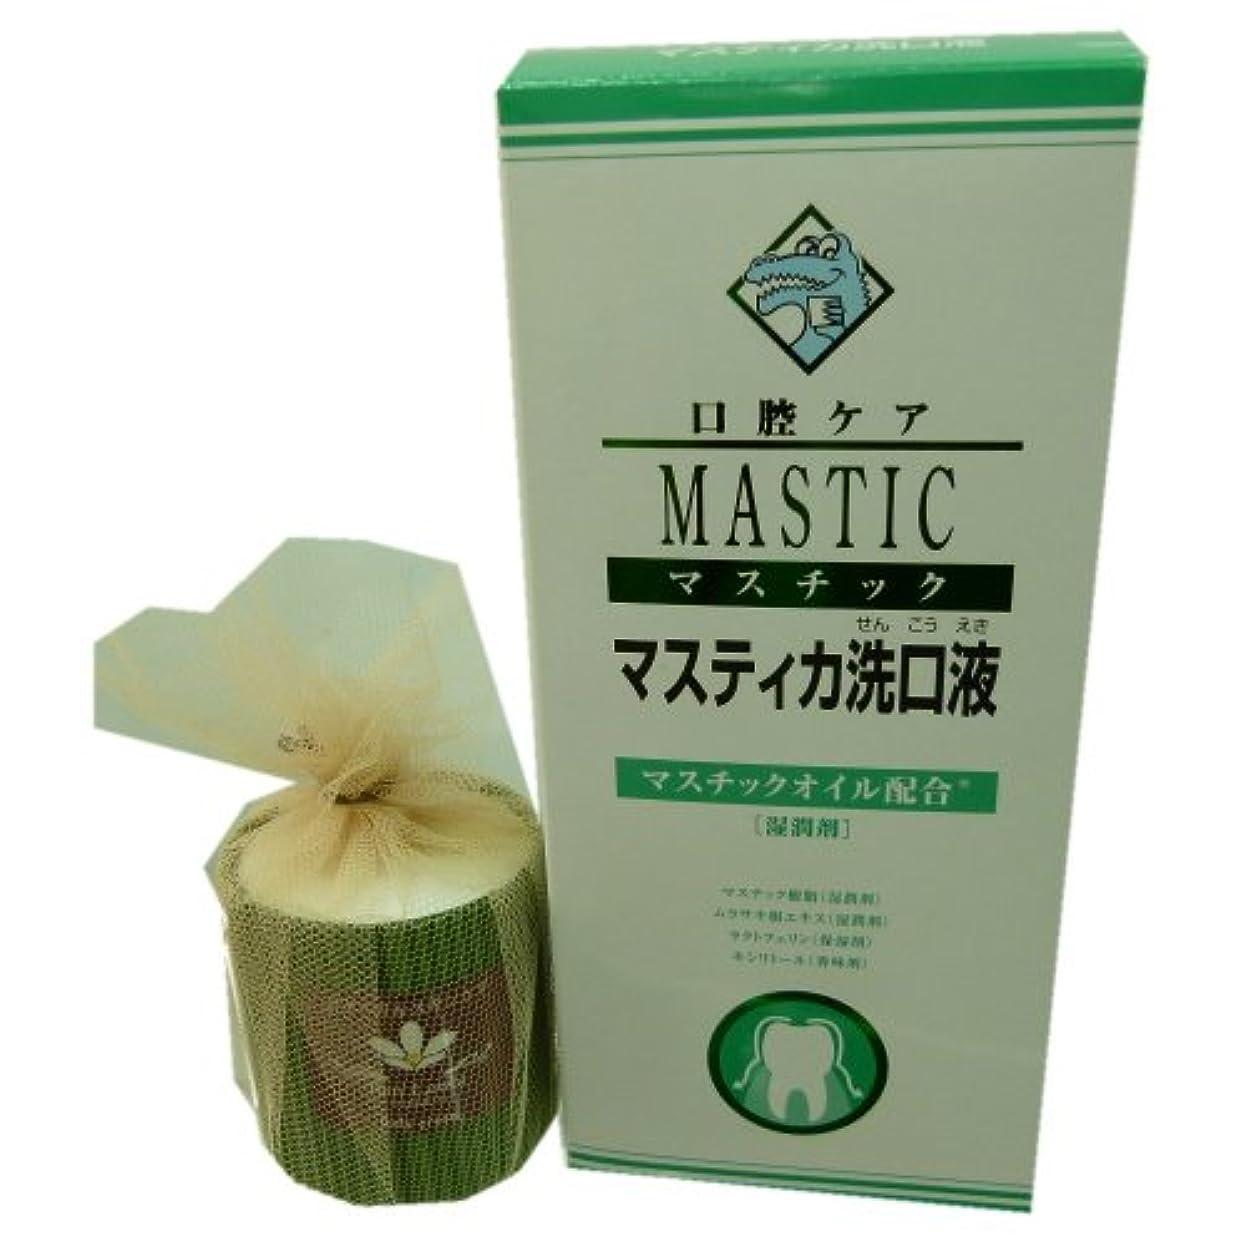 マスティカ洗口液+RaviLankaテミナリアボディクリーム